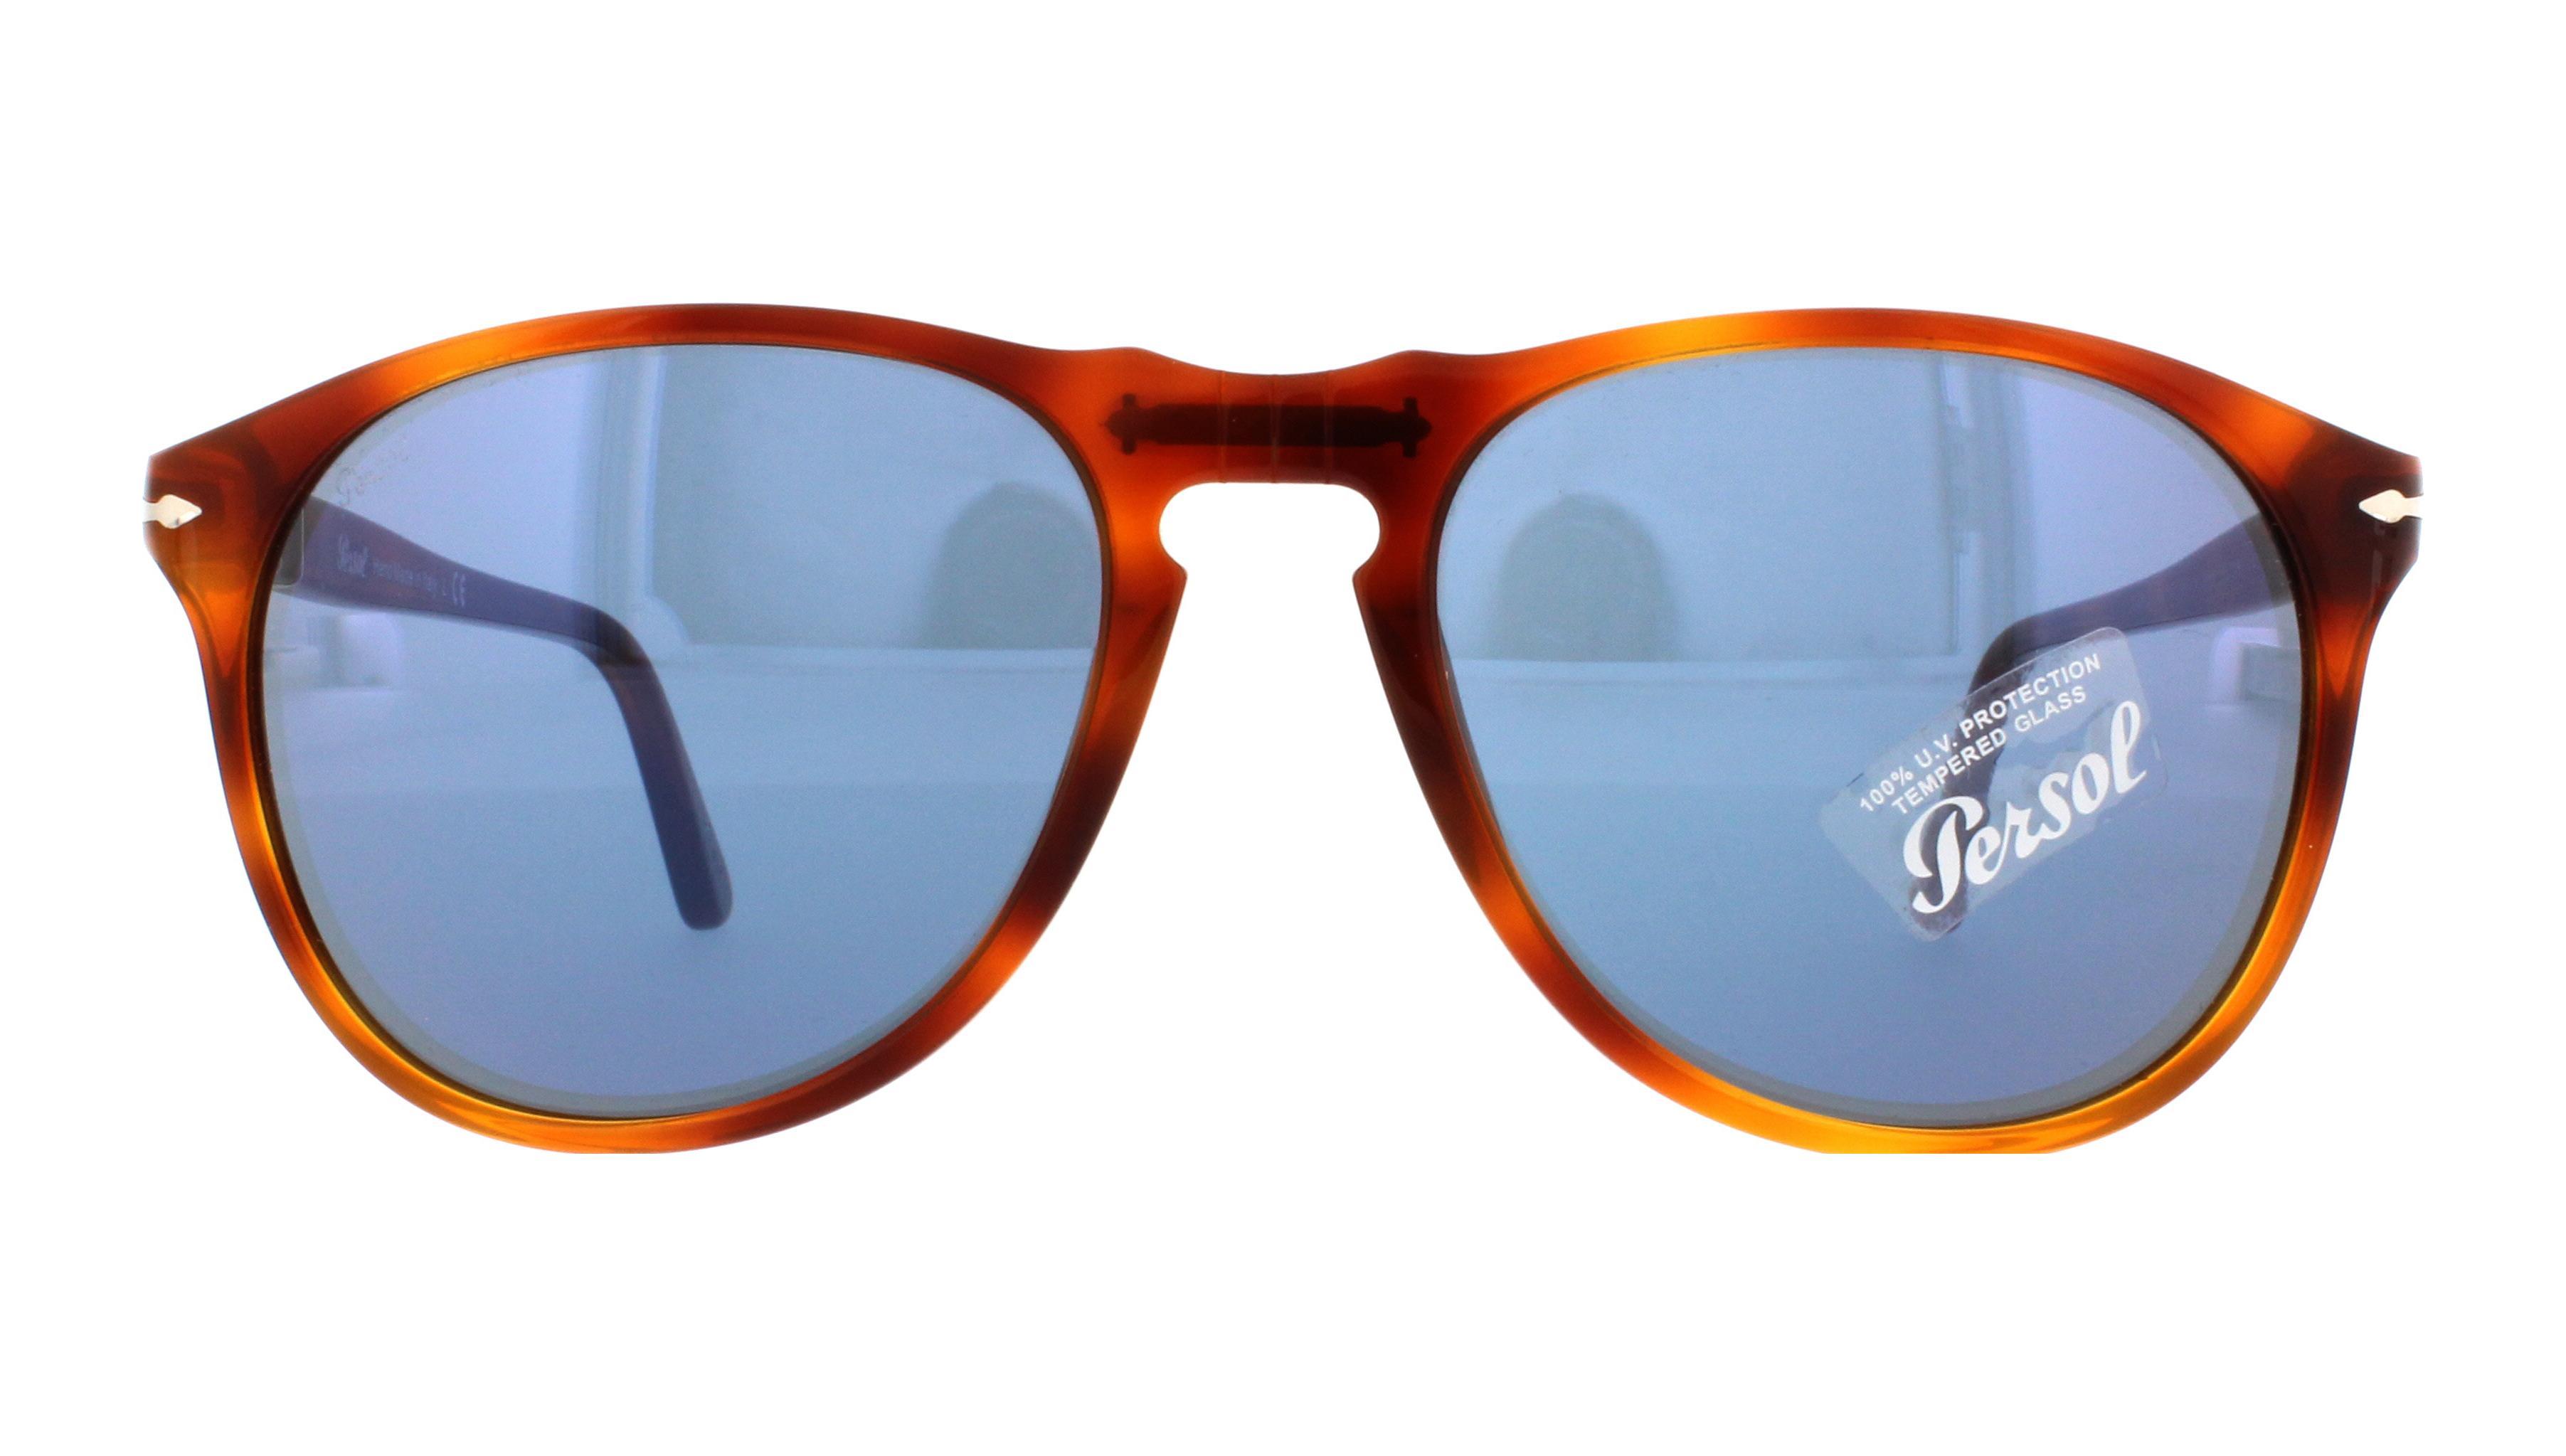 49ec4d8d9b PERSOL Sunglasses PO9649S 96 56 Terra Di Siena 55MM 648676217638